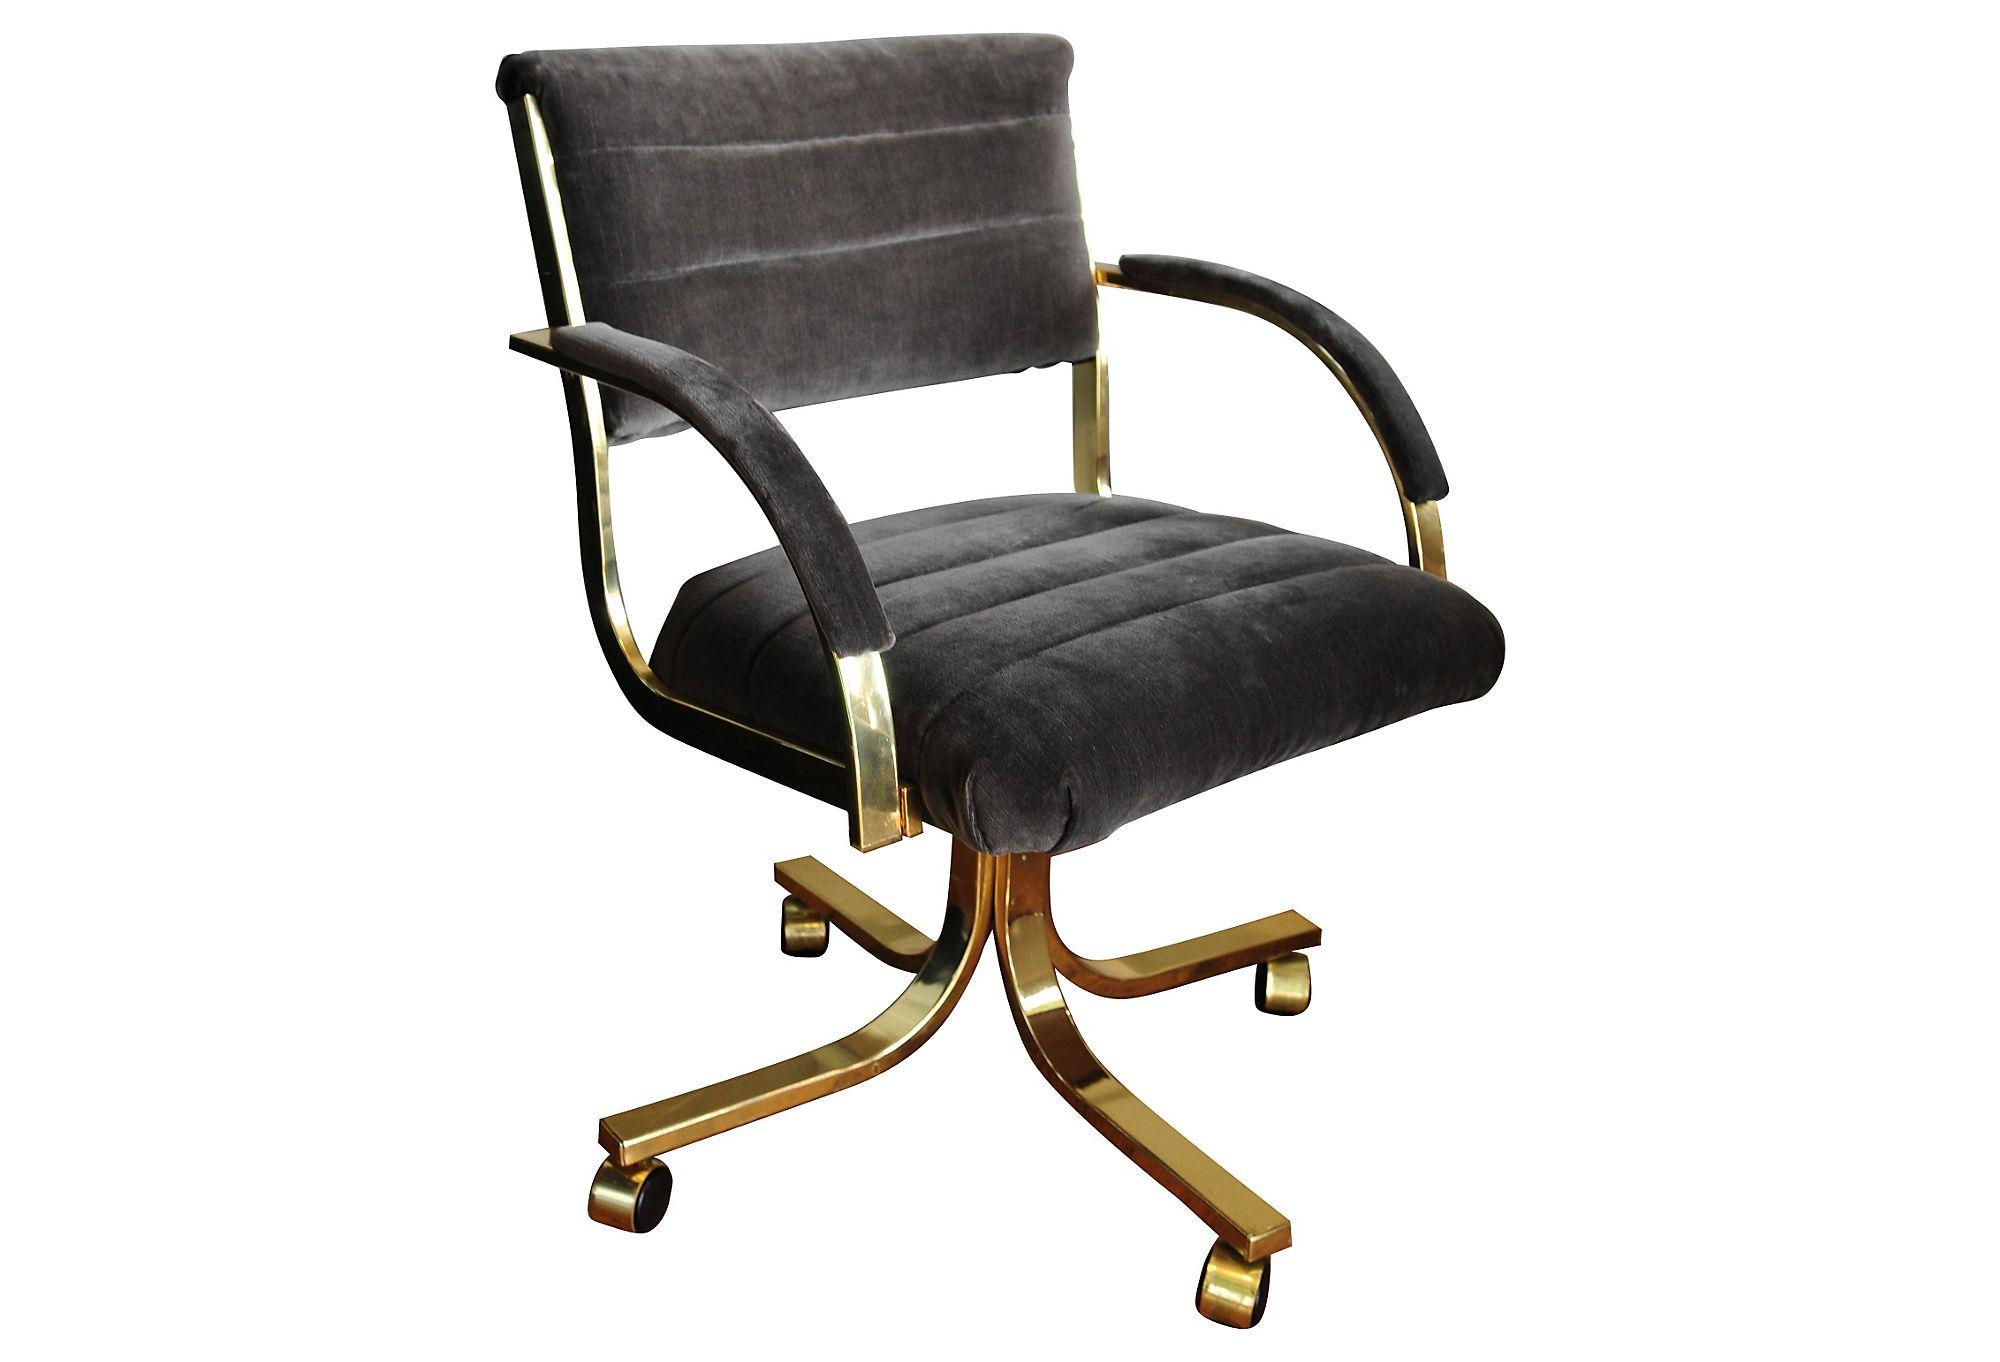 Vintage Brass Desk Chair w/ Gray Velvet Fabric Love the